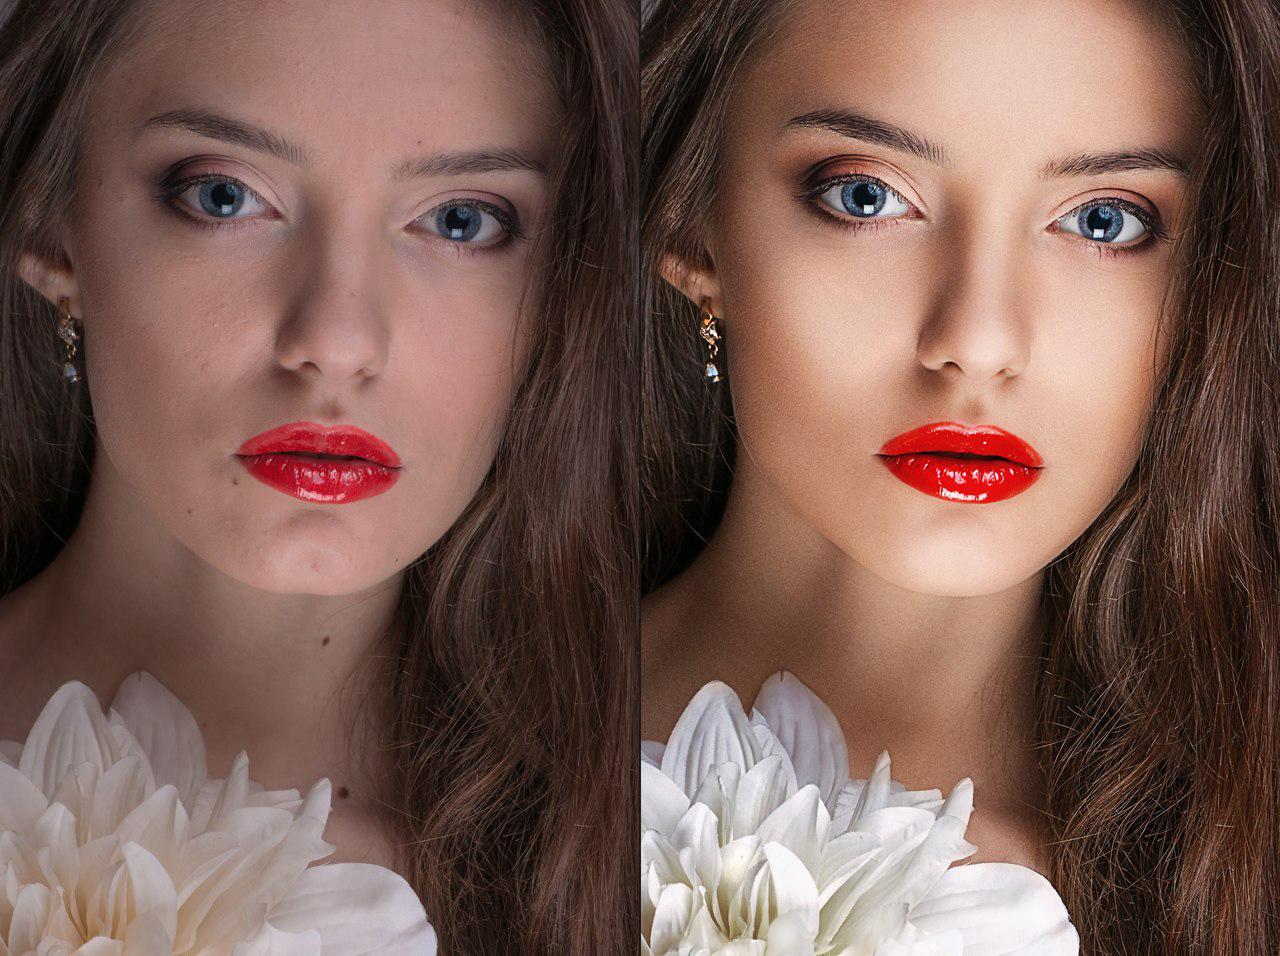 Как сделать качественные фотографии фотошоп